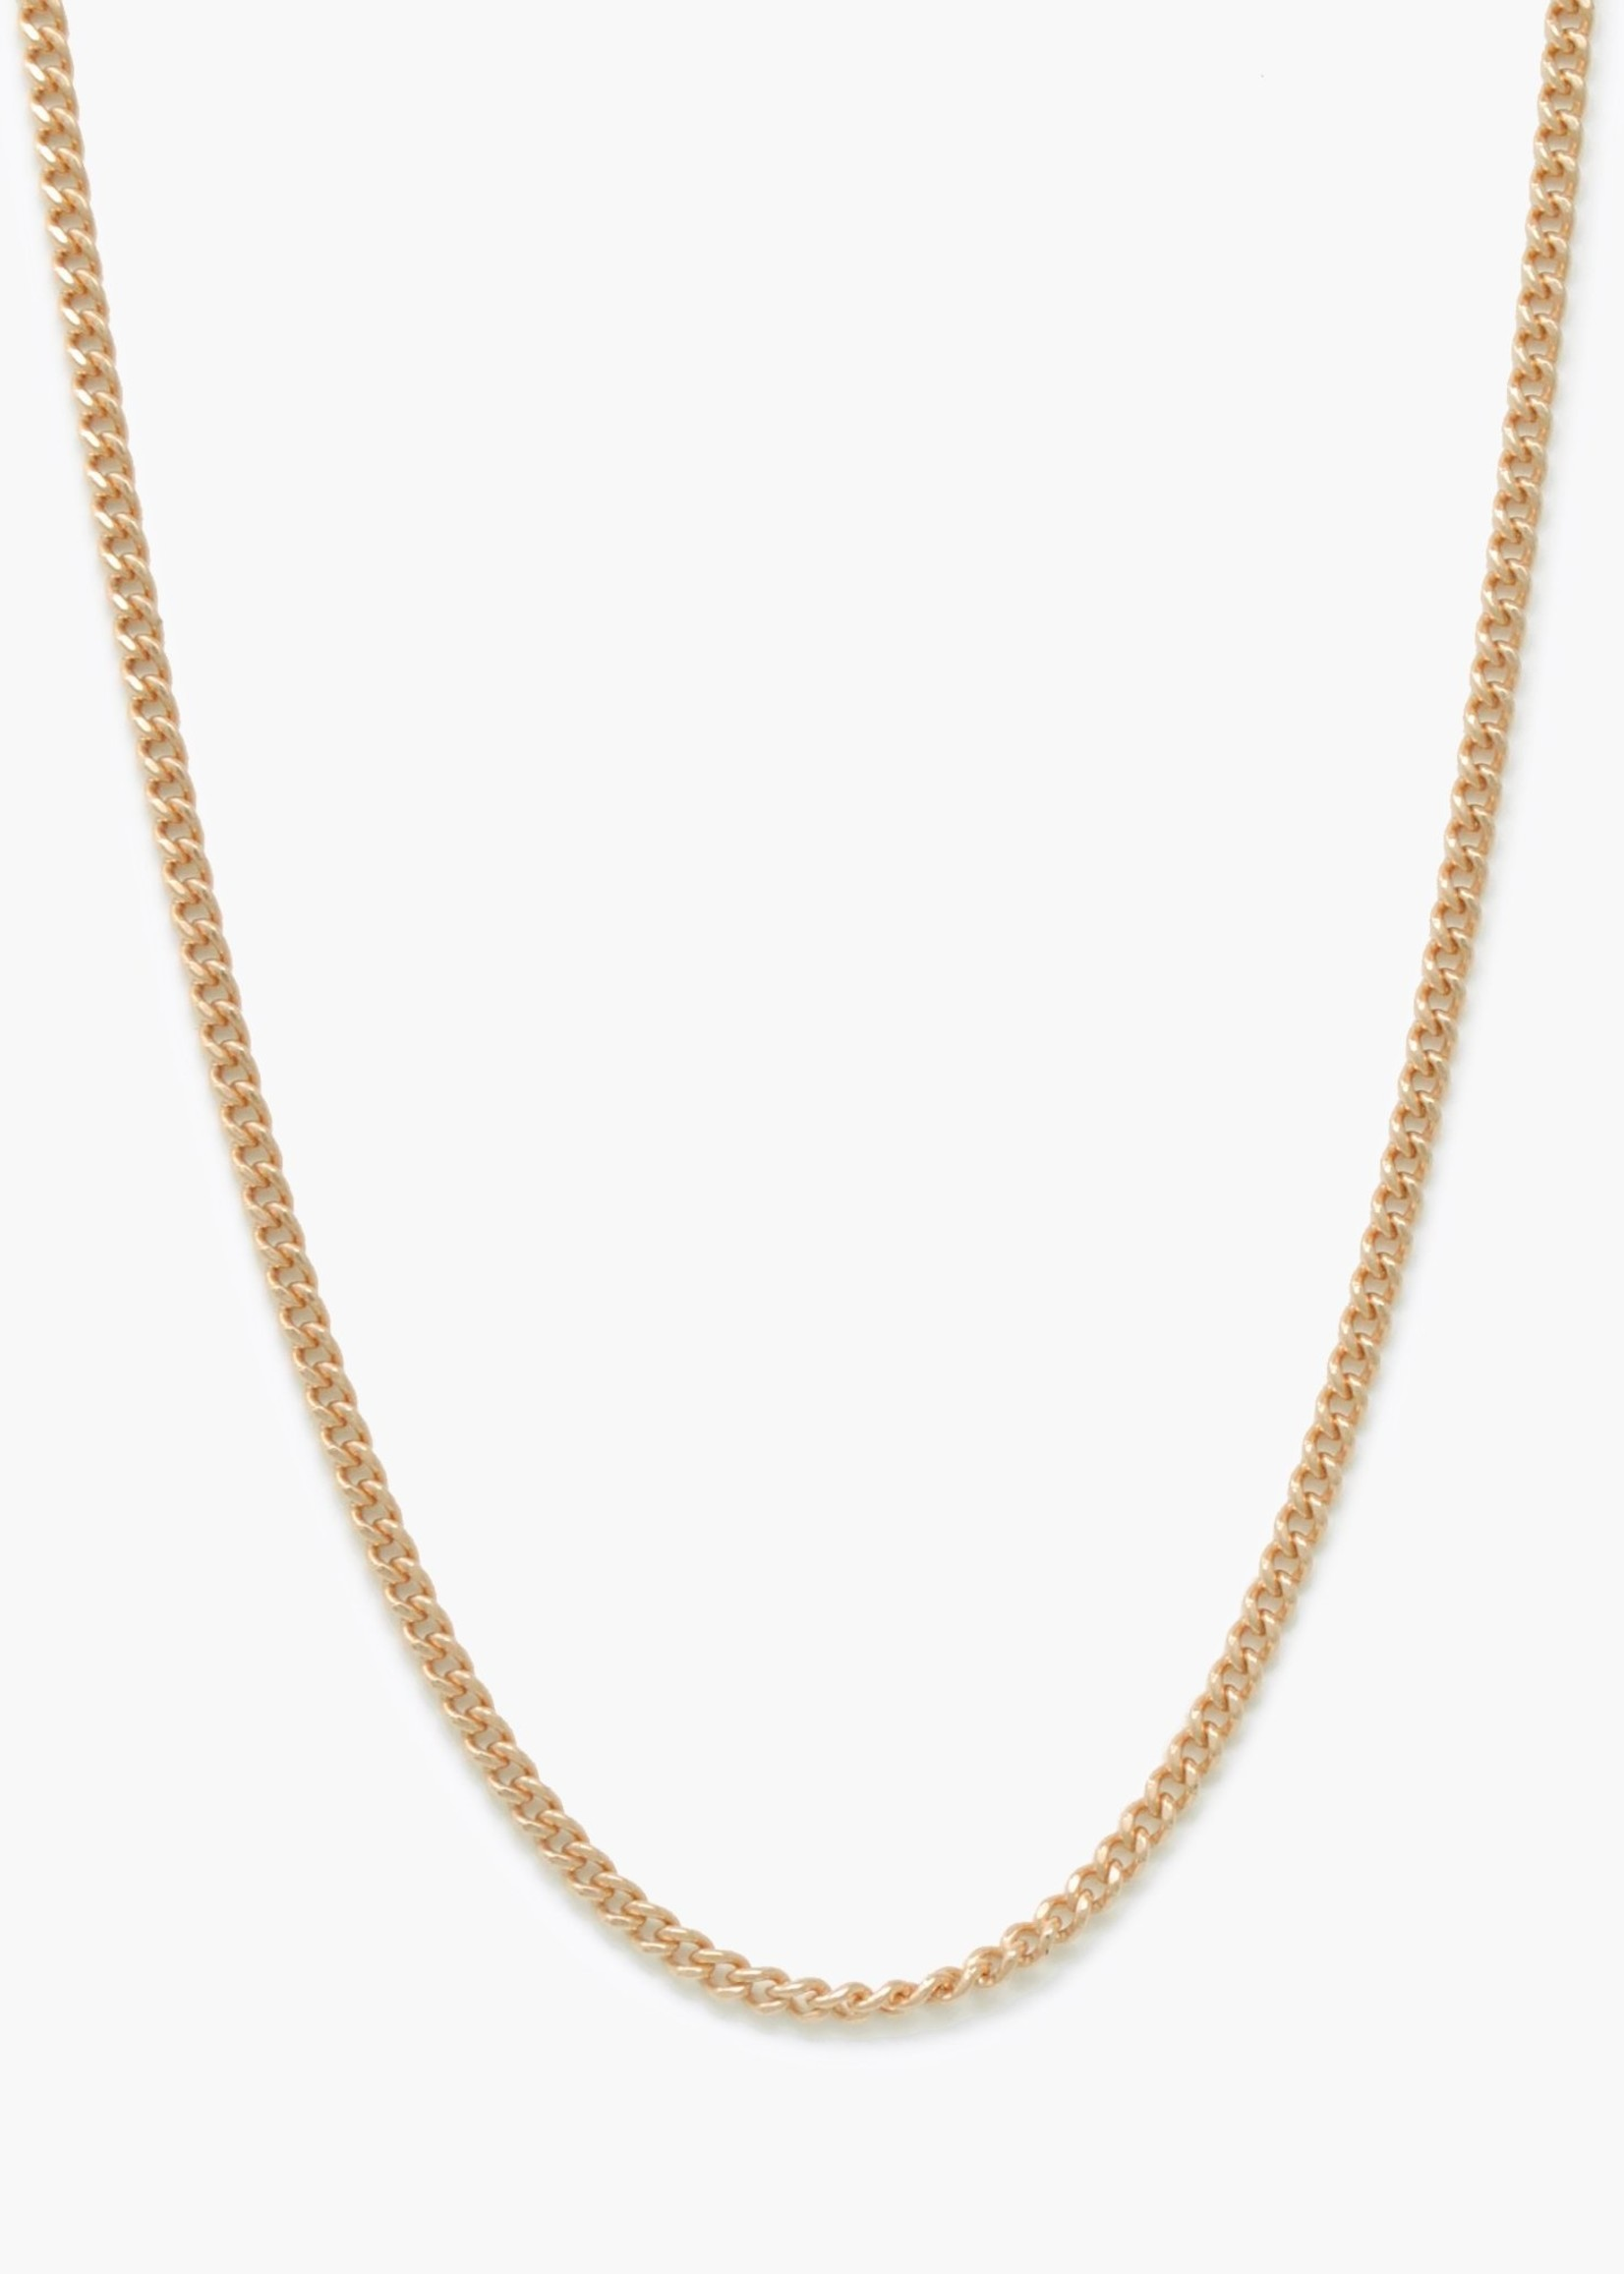 Elitaire Boutique Curb Chain Necklace